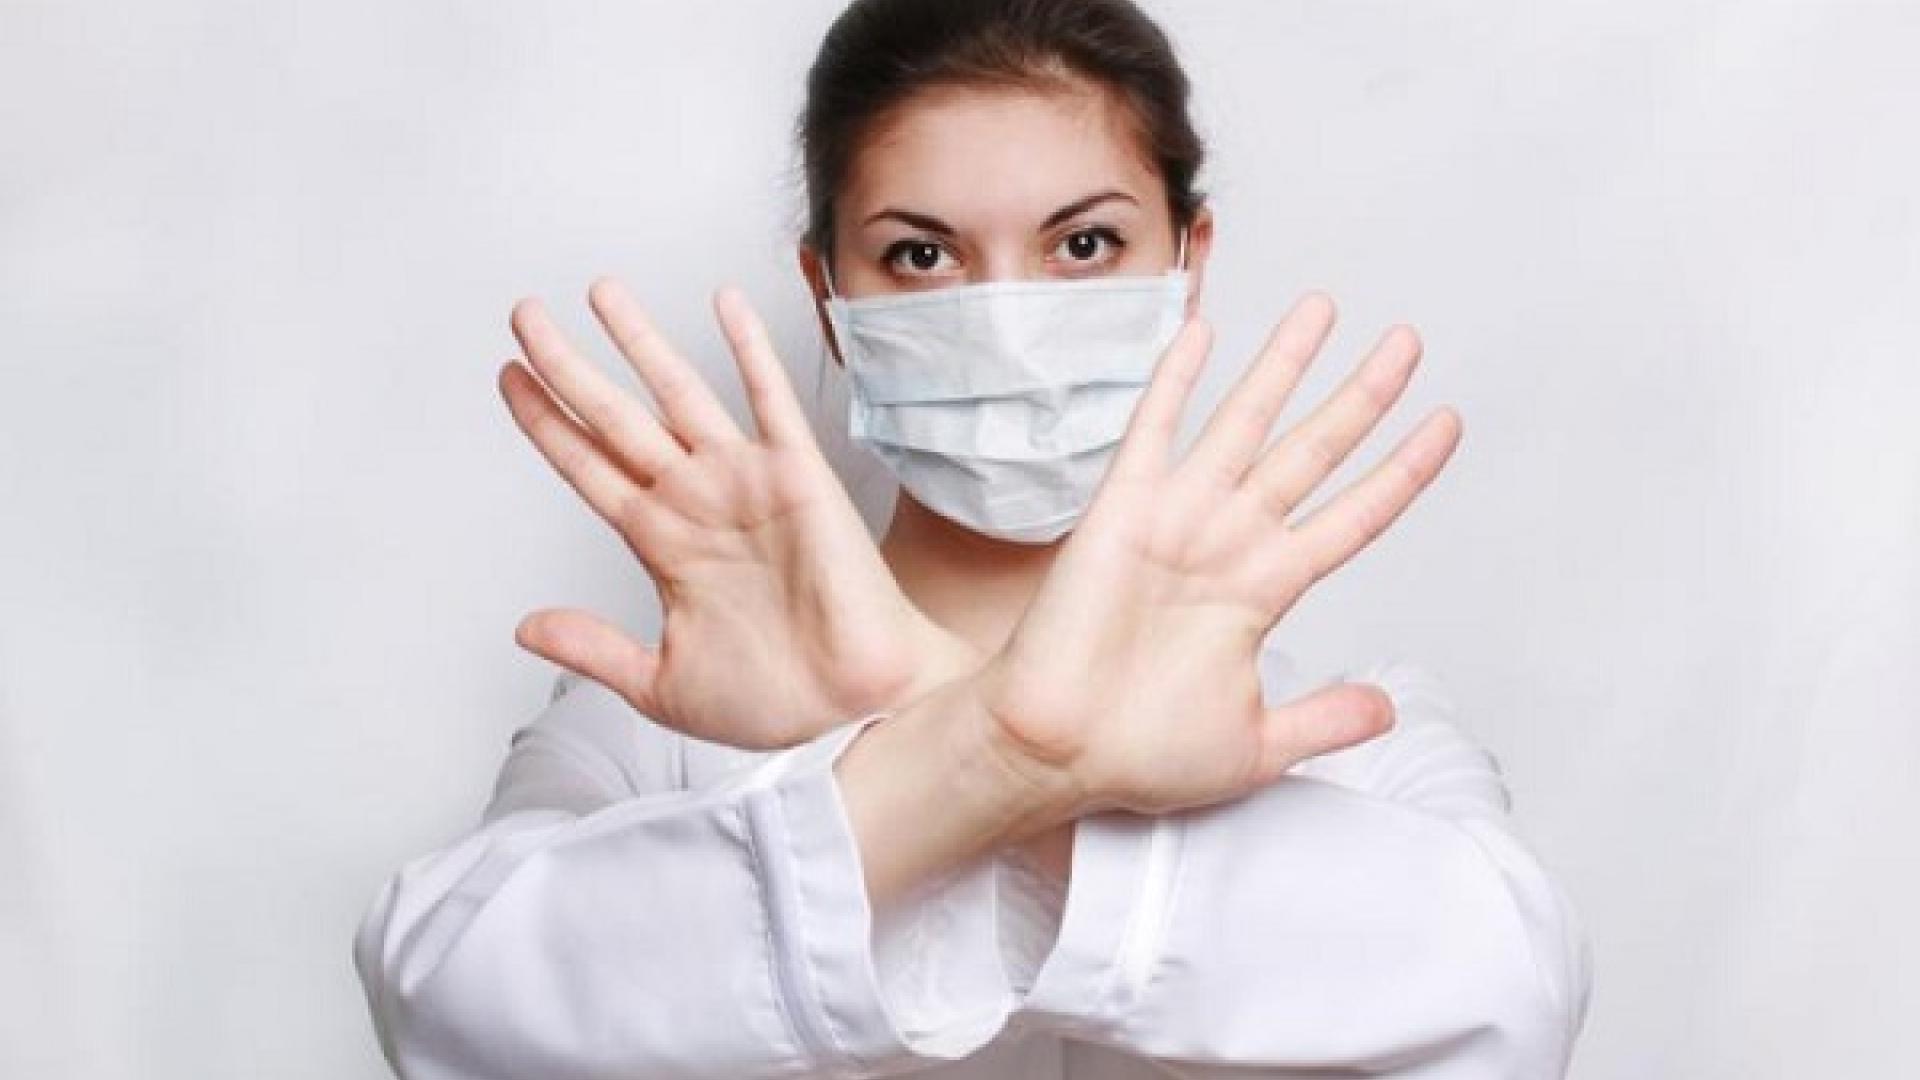 Имеет ли врач право отказаться от пациента?